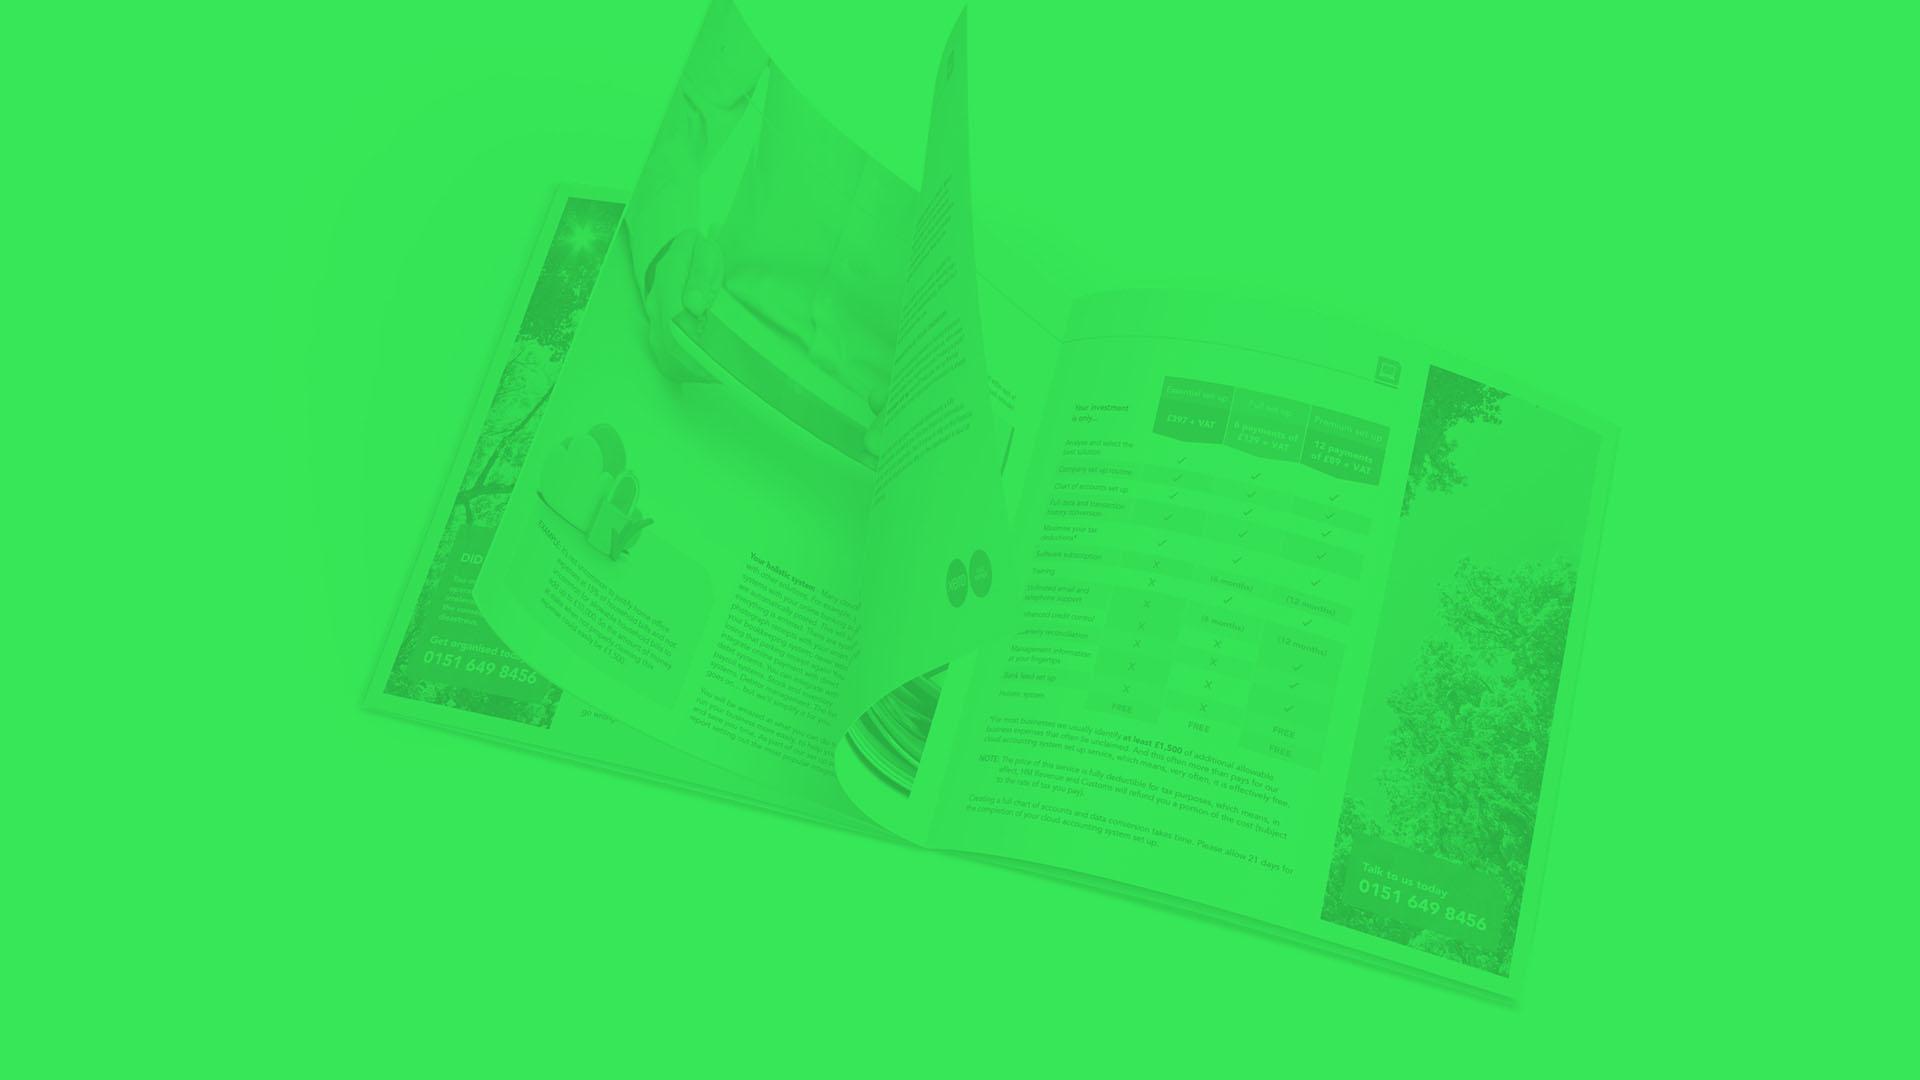 Slider Background - Graphic Design